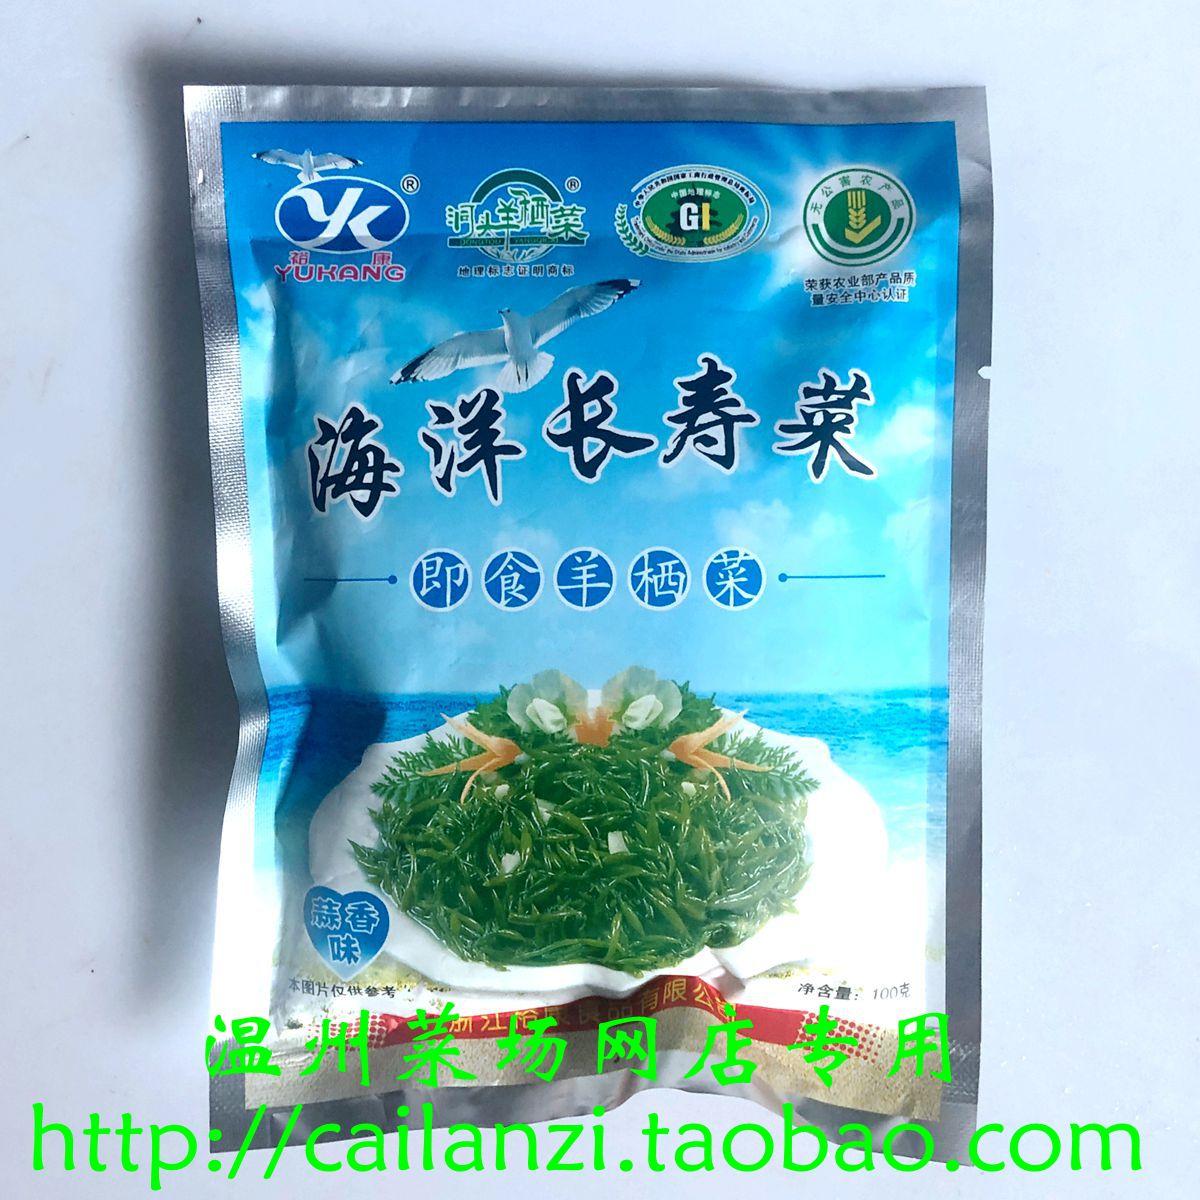 温州洞头特产即食羊栖菜三头麦东海长寿菜海藻阳西菜100g